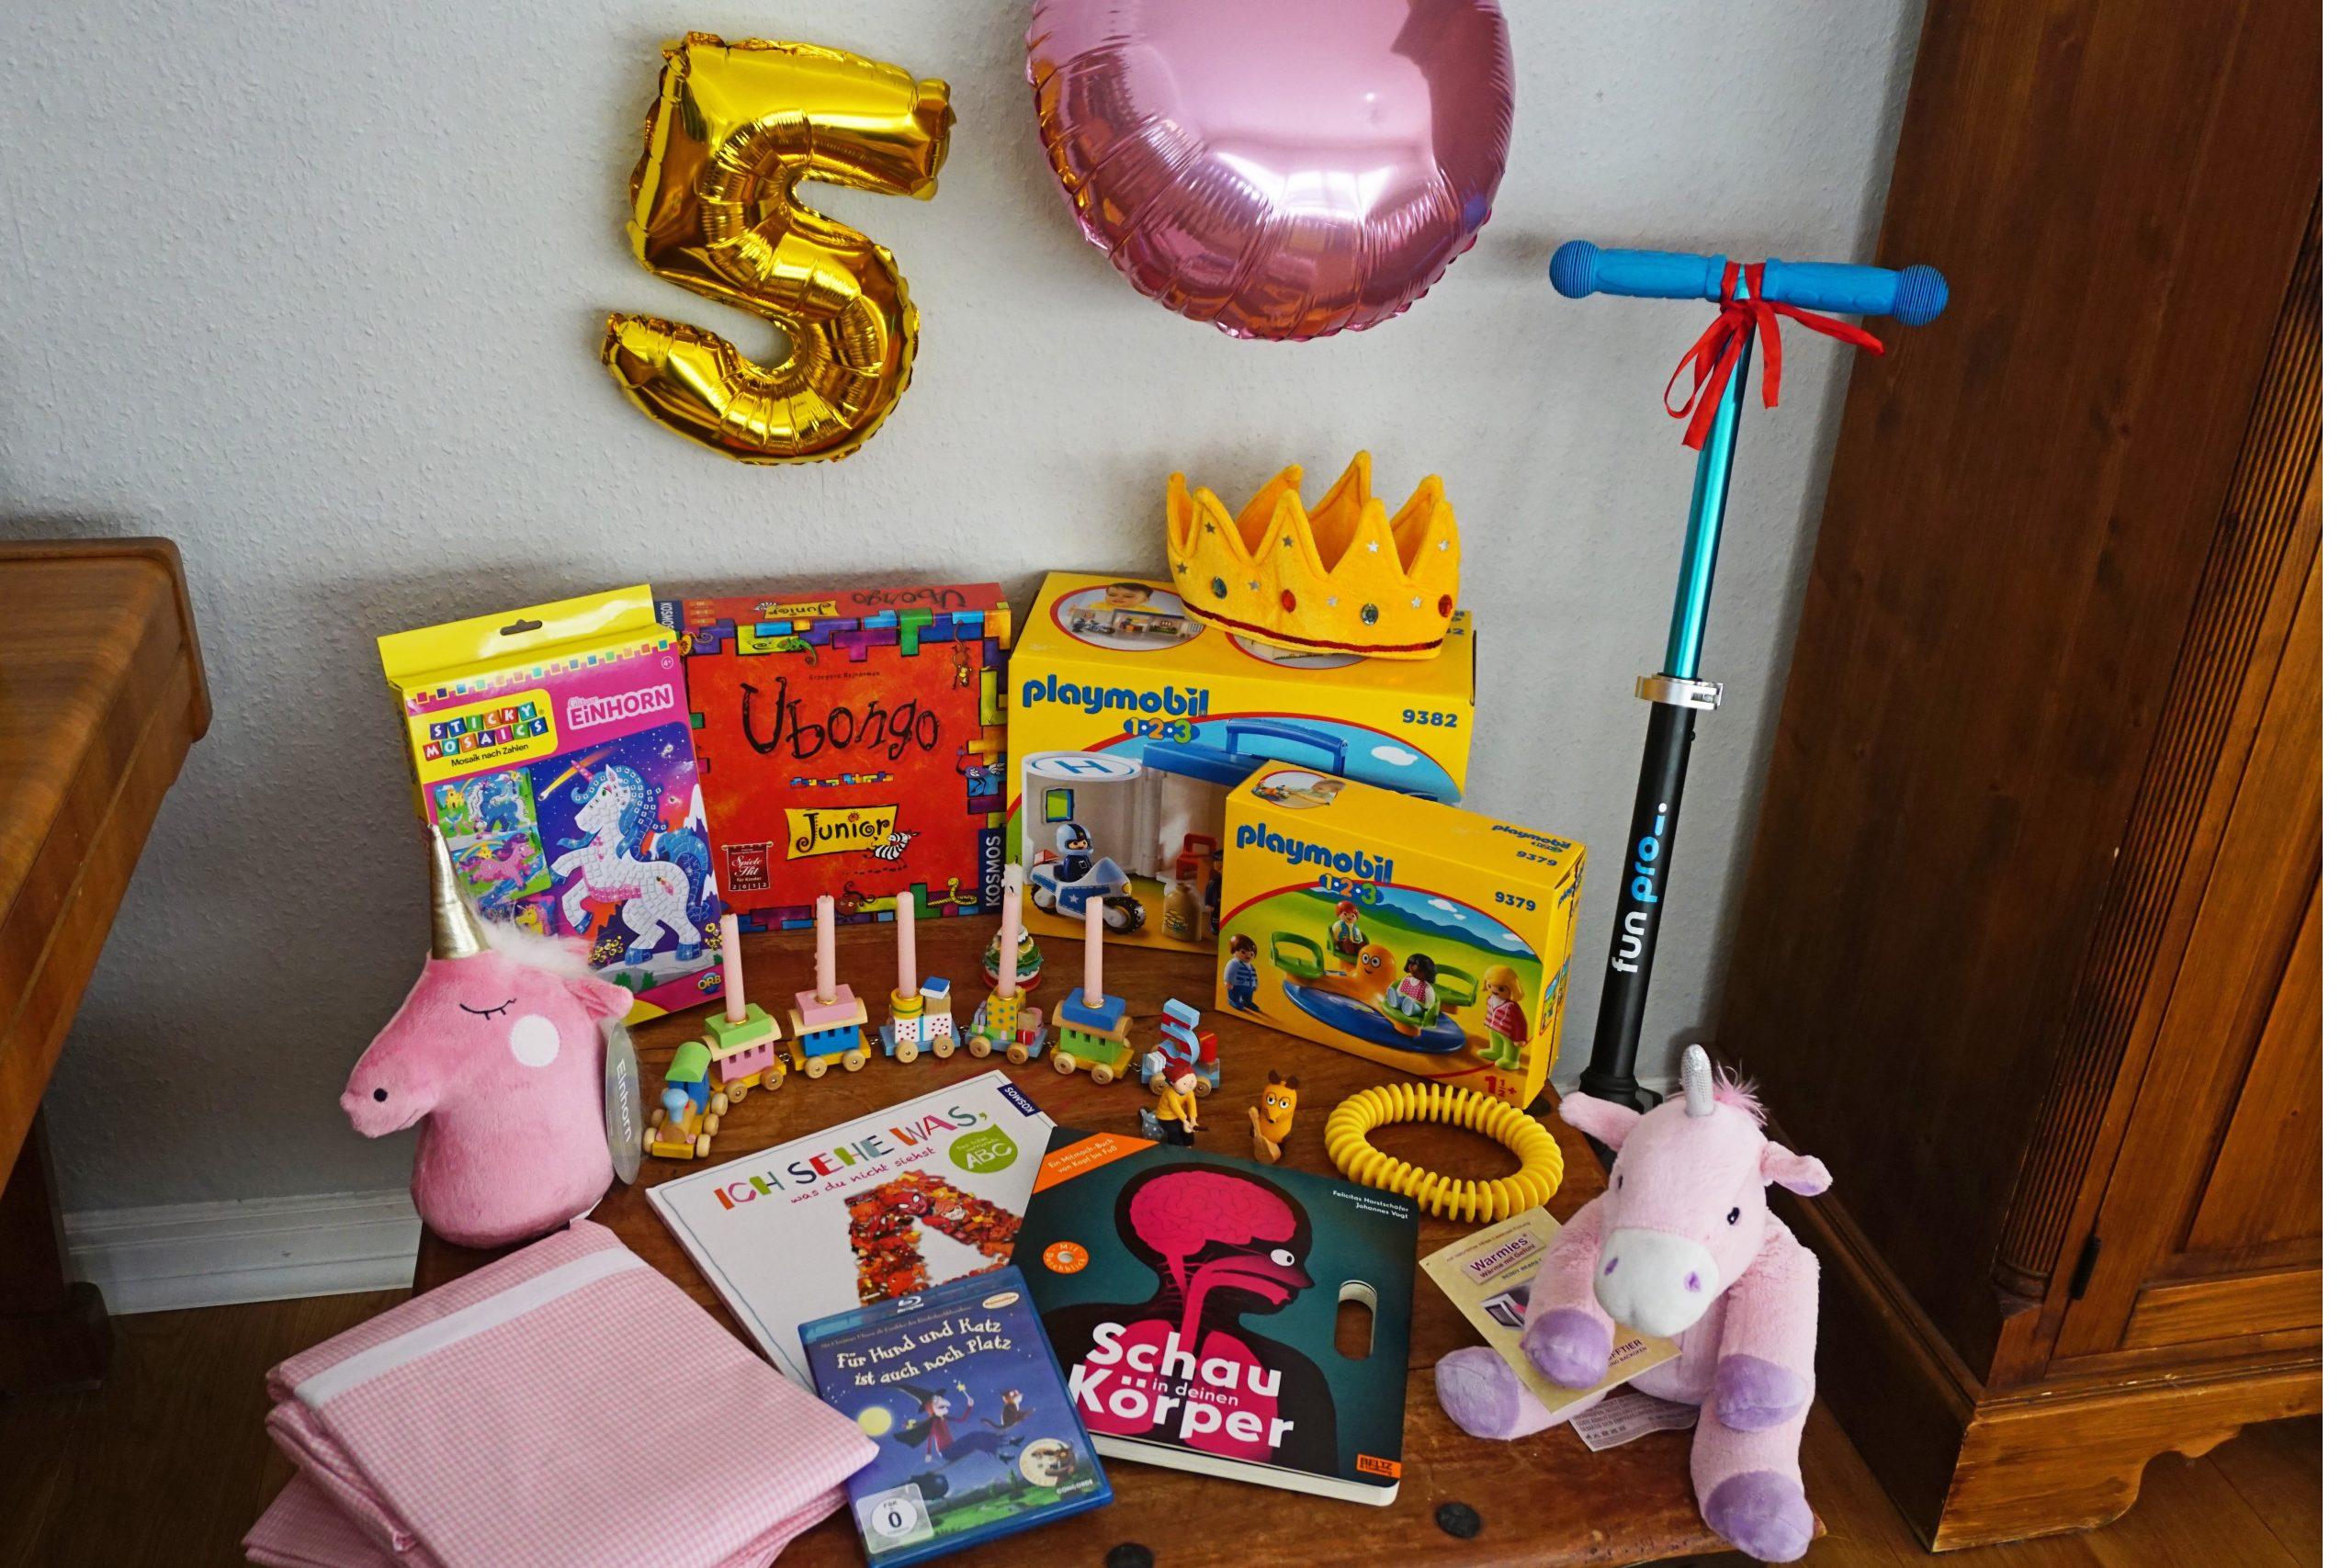 Schöne Geschenke Zum 5. Geburtstag - Mädchenmutter mit Geburtstagsgeschenk Für 4 Jähriges Mädchen